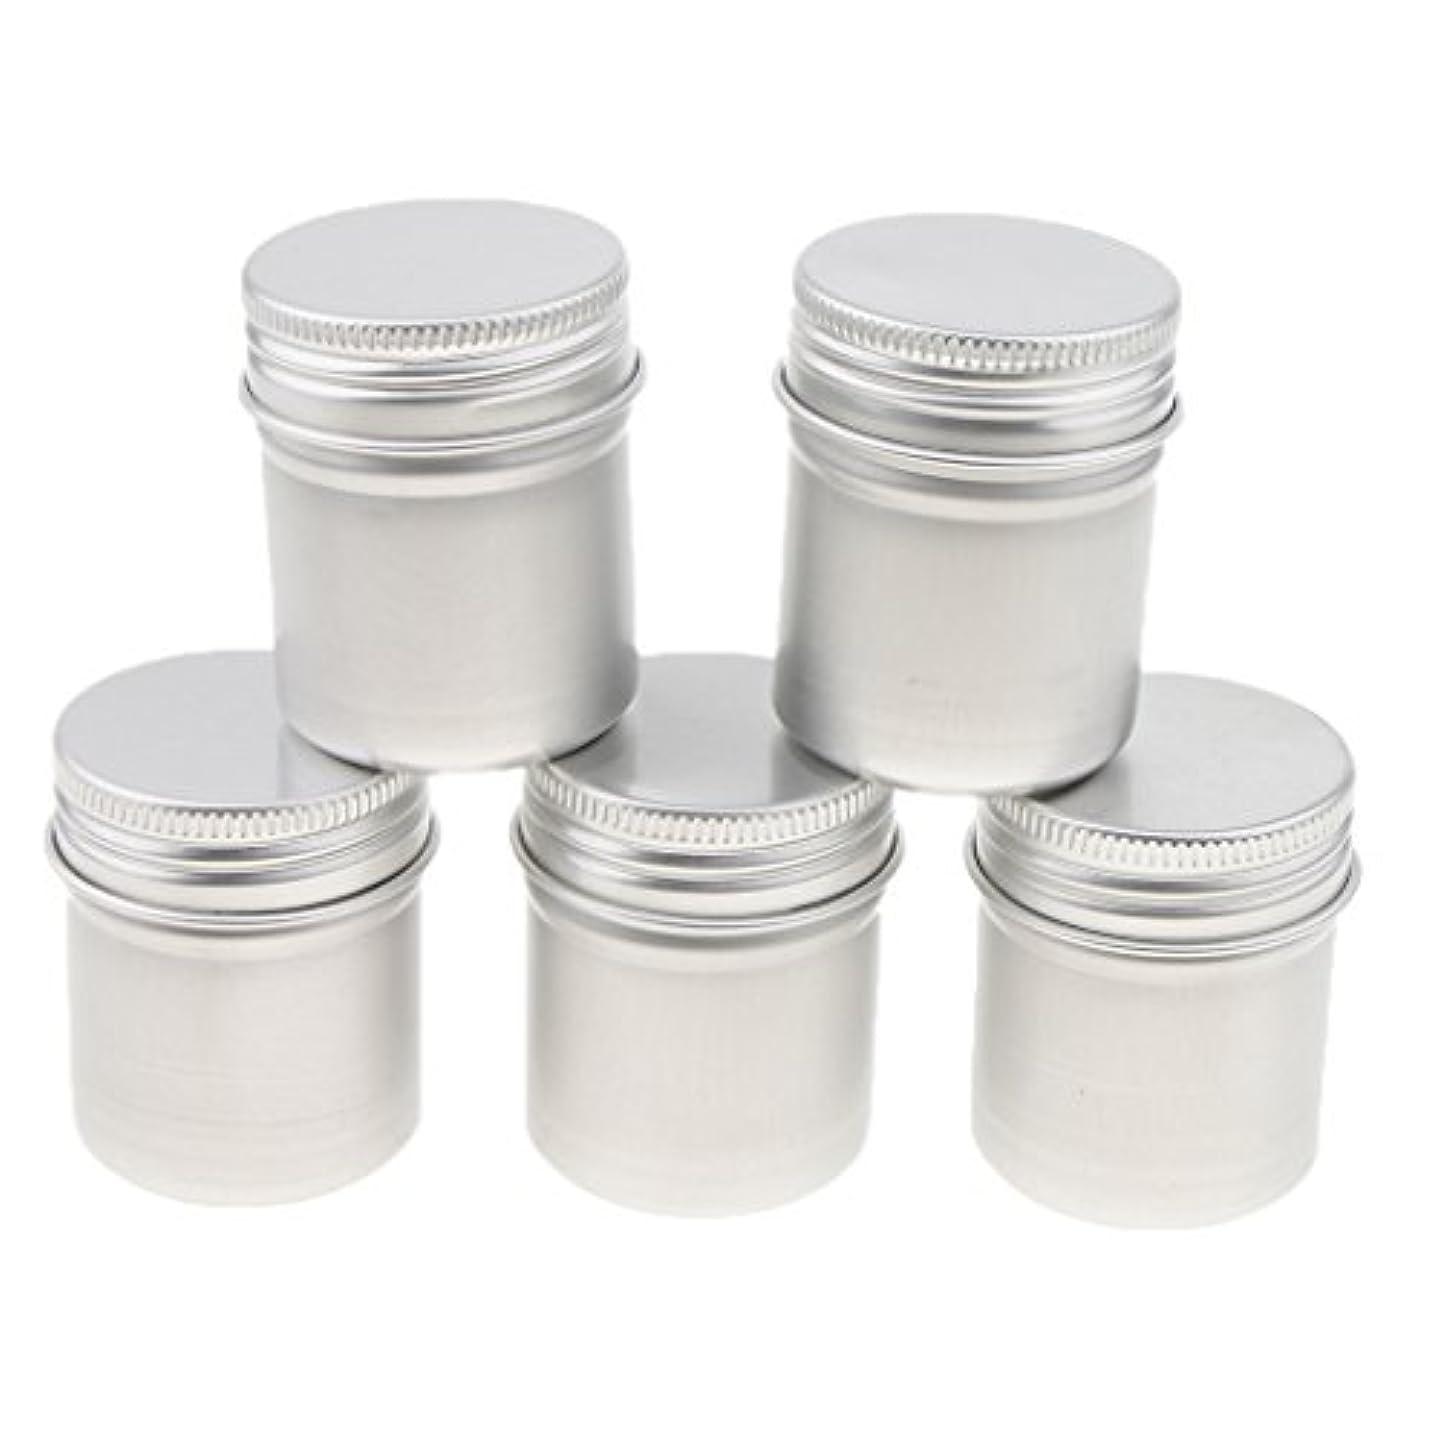 媒染剤伝える愛する5個 アルミ缶 アルミニウム 缶 ポット スクリュー蓋 クリーム お茶 パウダー ワックスジャー 容器